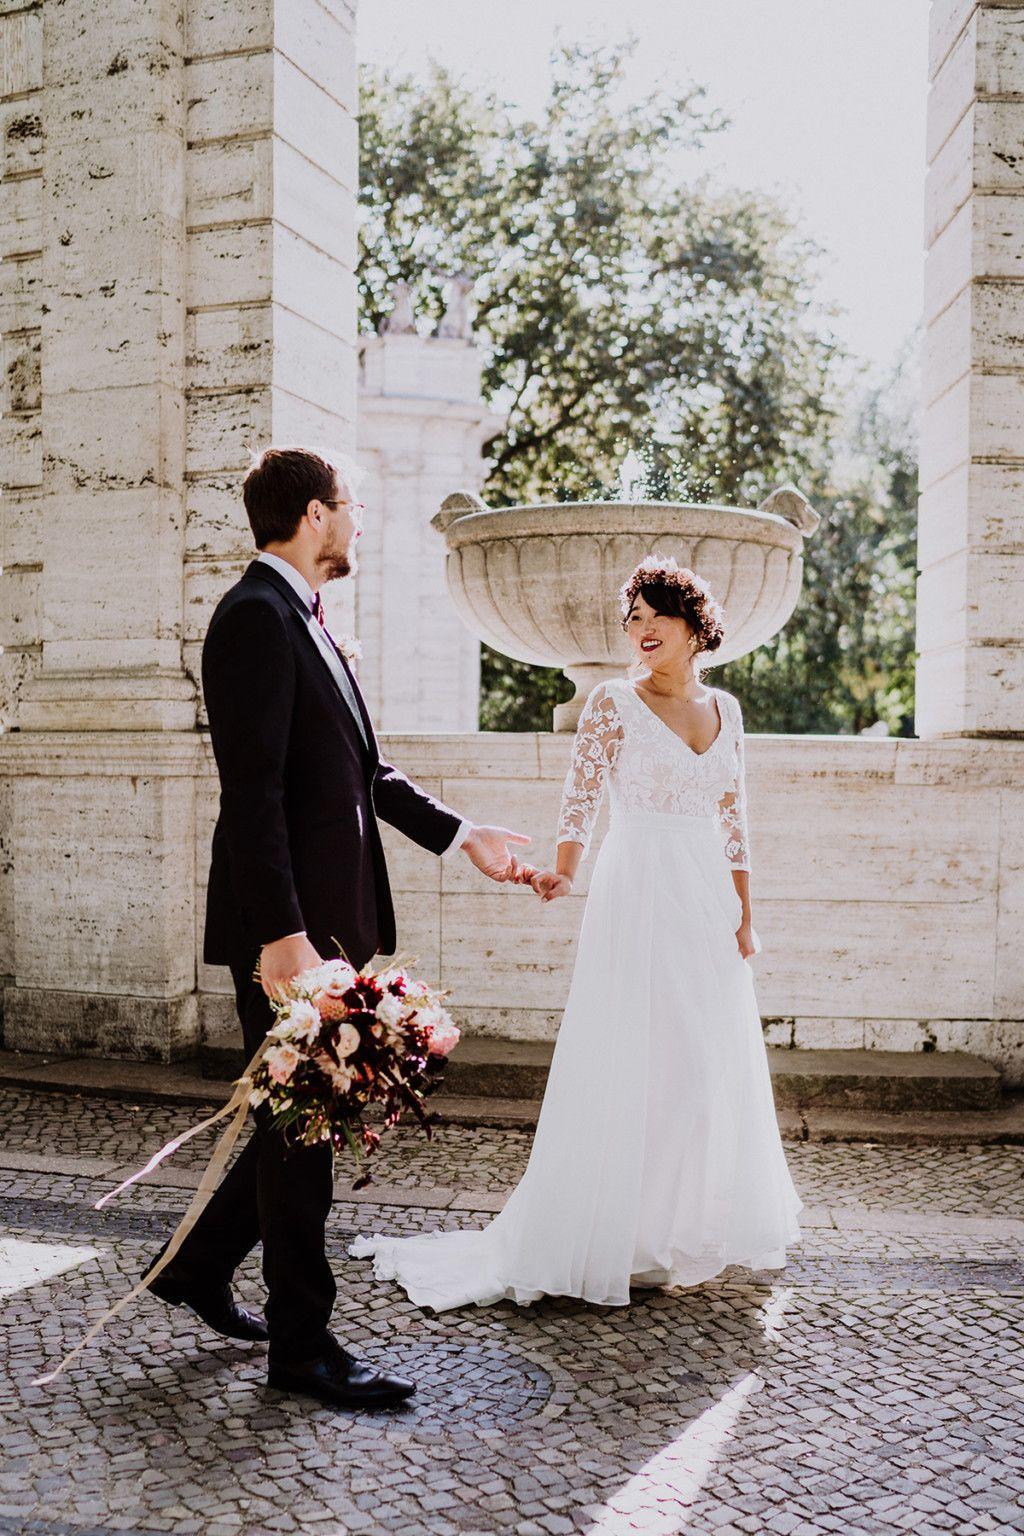 Standesamt Hochzeitsfotografin Auf Urbane Gartenhochzeit In Berlin Friedrichshain Hochzeitsfotograf Standesamtliche Hochzeit Hochzeitsfotograf Fotos Hochzeit